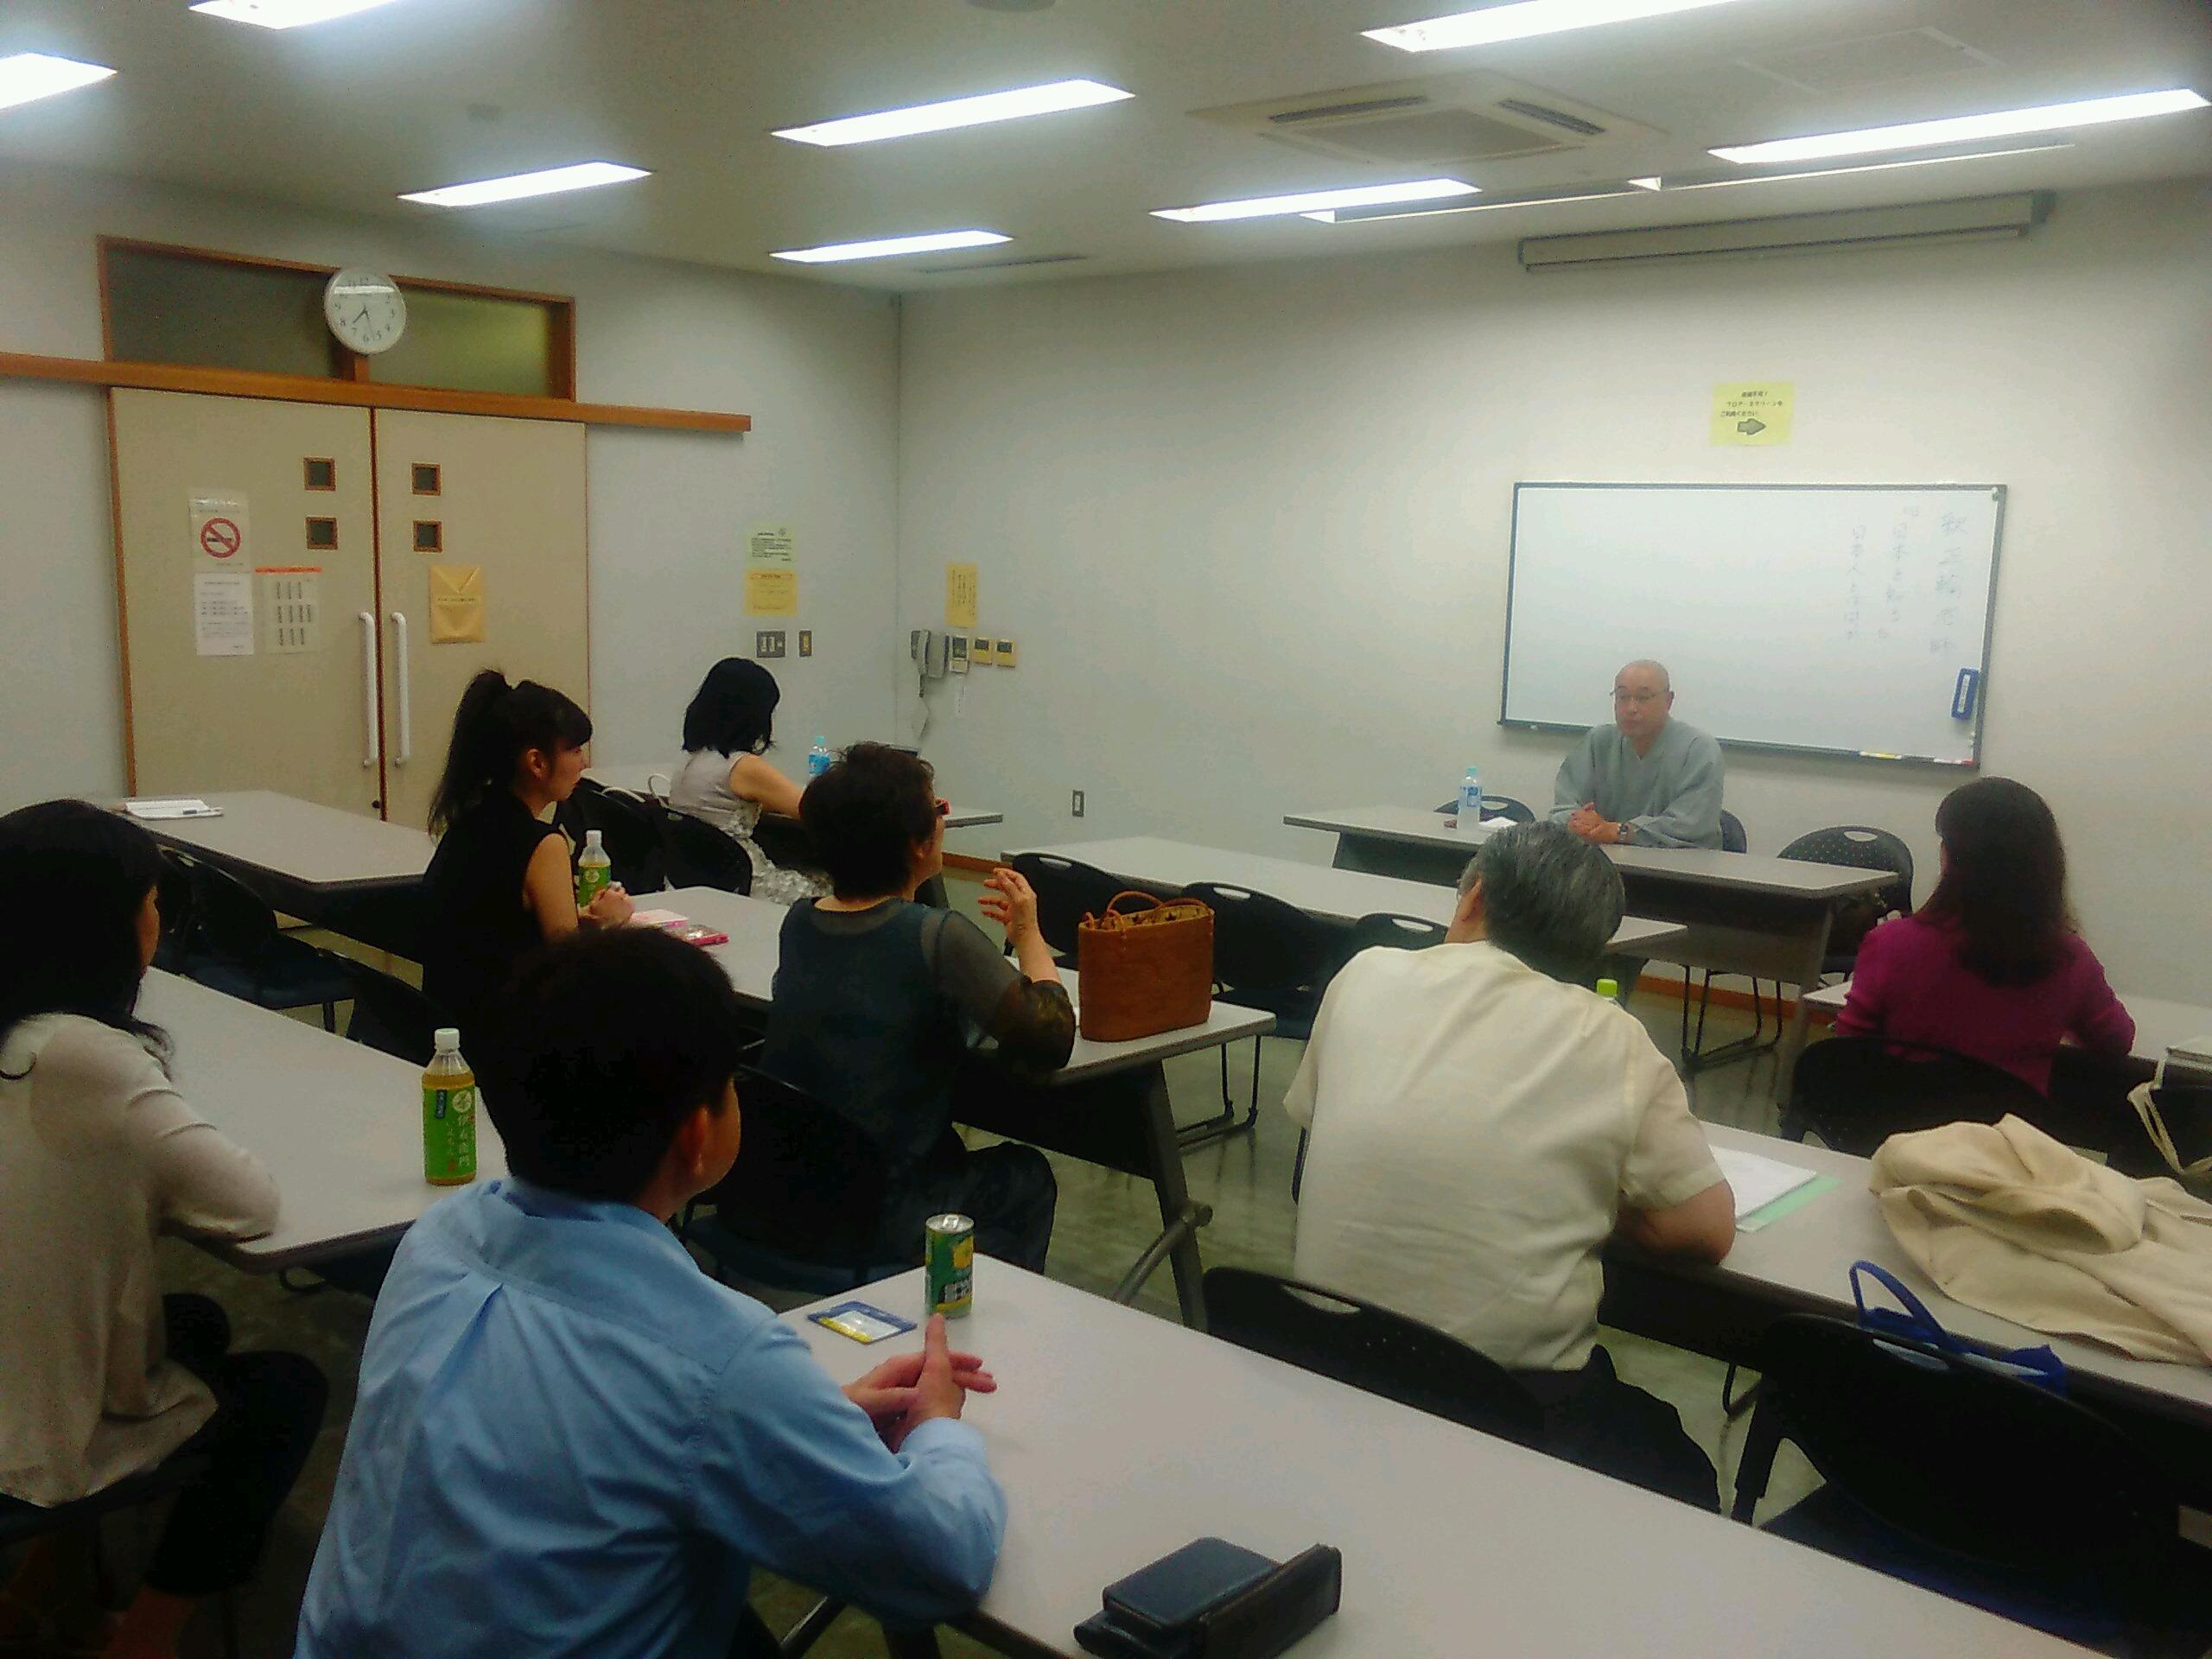 20180809192733 - 10月17日(水)釈正輪先生の講和会「古代の日本を知る」をテーマに開催